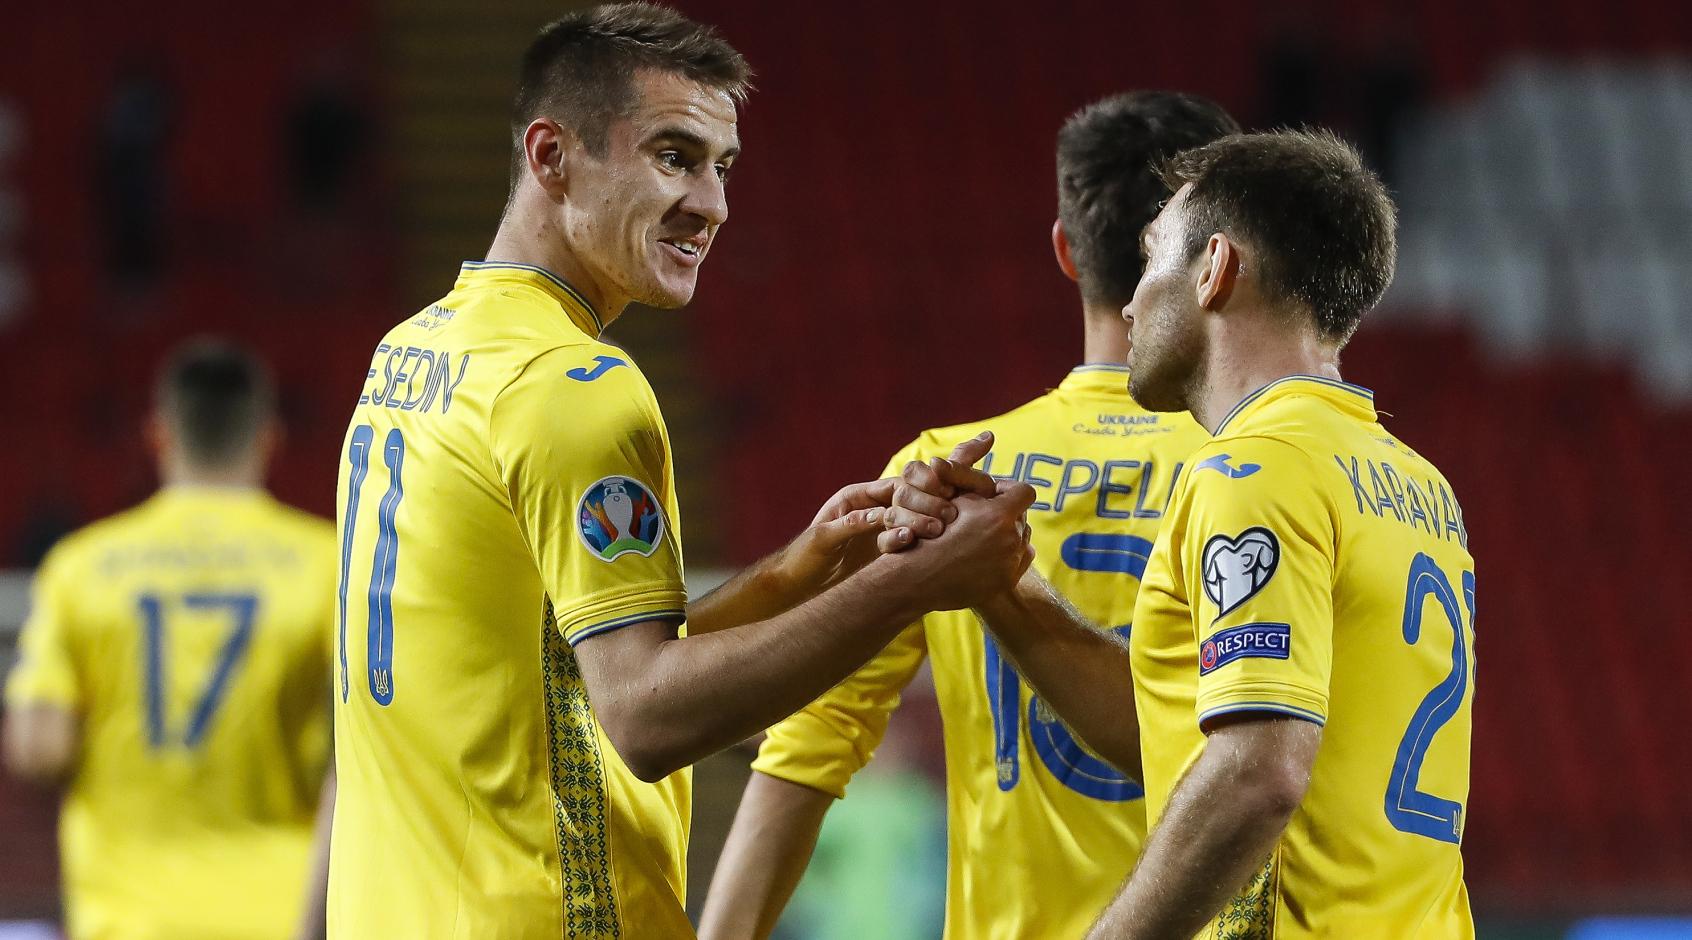 Разбор матча Сербия – Украина: проблемы в обороне, фактор Тадича и пахарь Ярмоленко